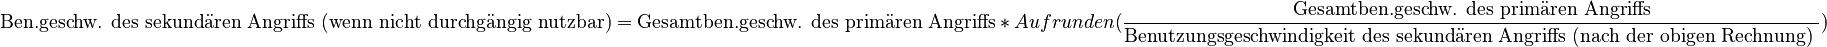 \text{Ben.geschw. des sekundären Angriffs (wenn nicht durchgängig nutzbar)} = \text{Gesamtben.geschw. des primären Angriffs}\ *\ Aufrunden(\frac{\text{Gesamtben.geschw. des primären Angriffs}}{\text{Benutzungsgeschwindigkeit des sekundären Angriffs (nach der obigen Rechnung) }})